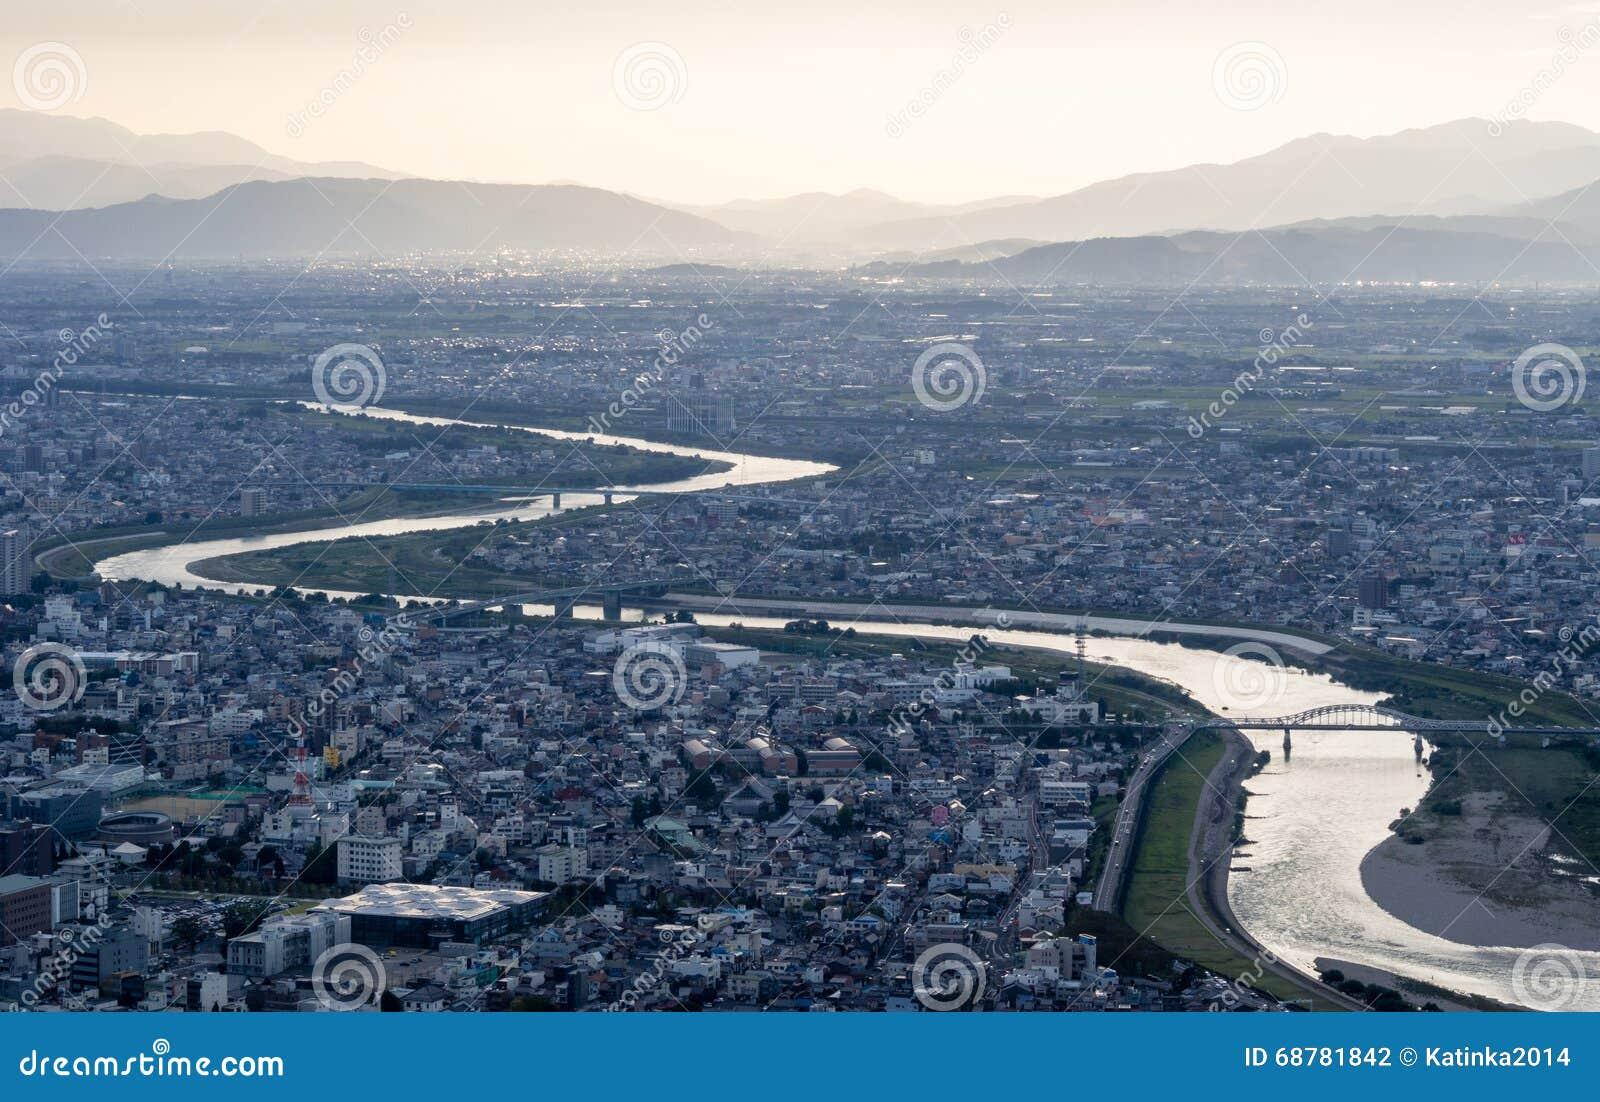 Vista panoramica della città di Gifu, Giappone